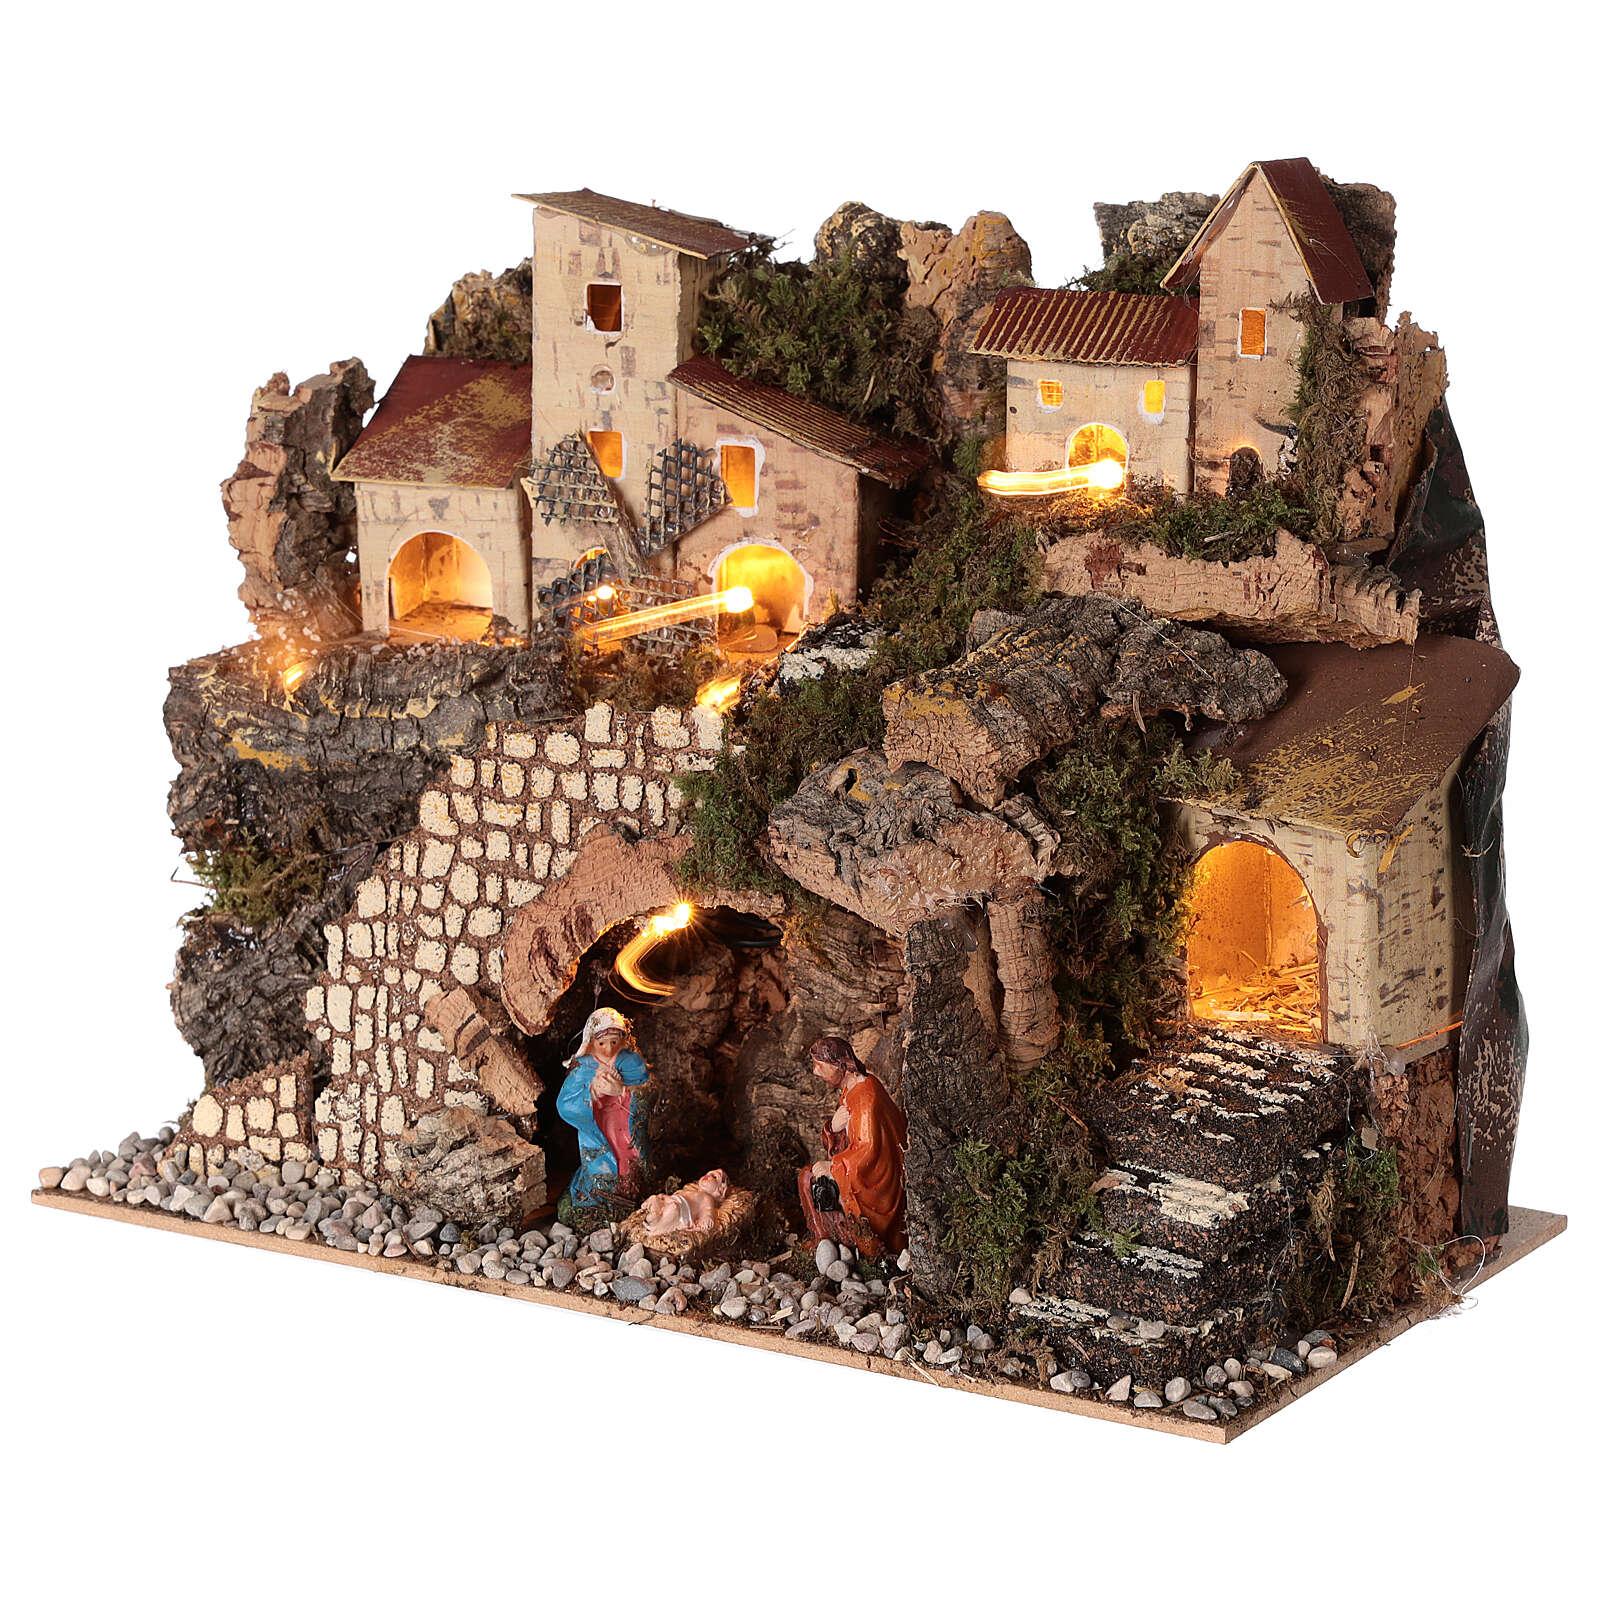 Borgo natività montagna mulino illuminato presepe 6 cm 30x15x20 4